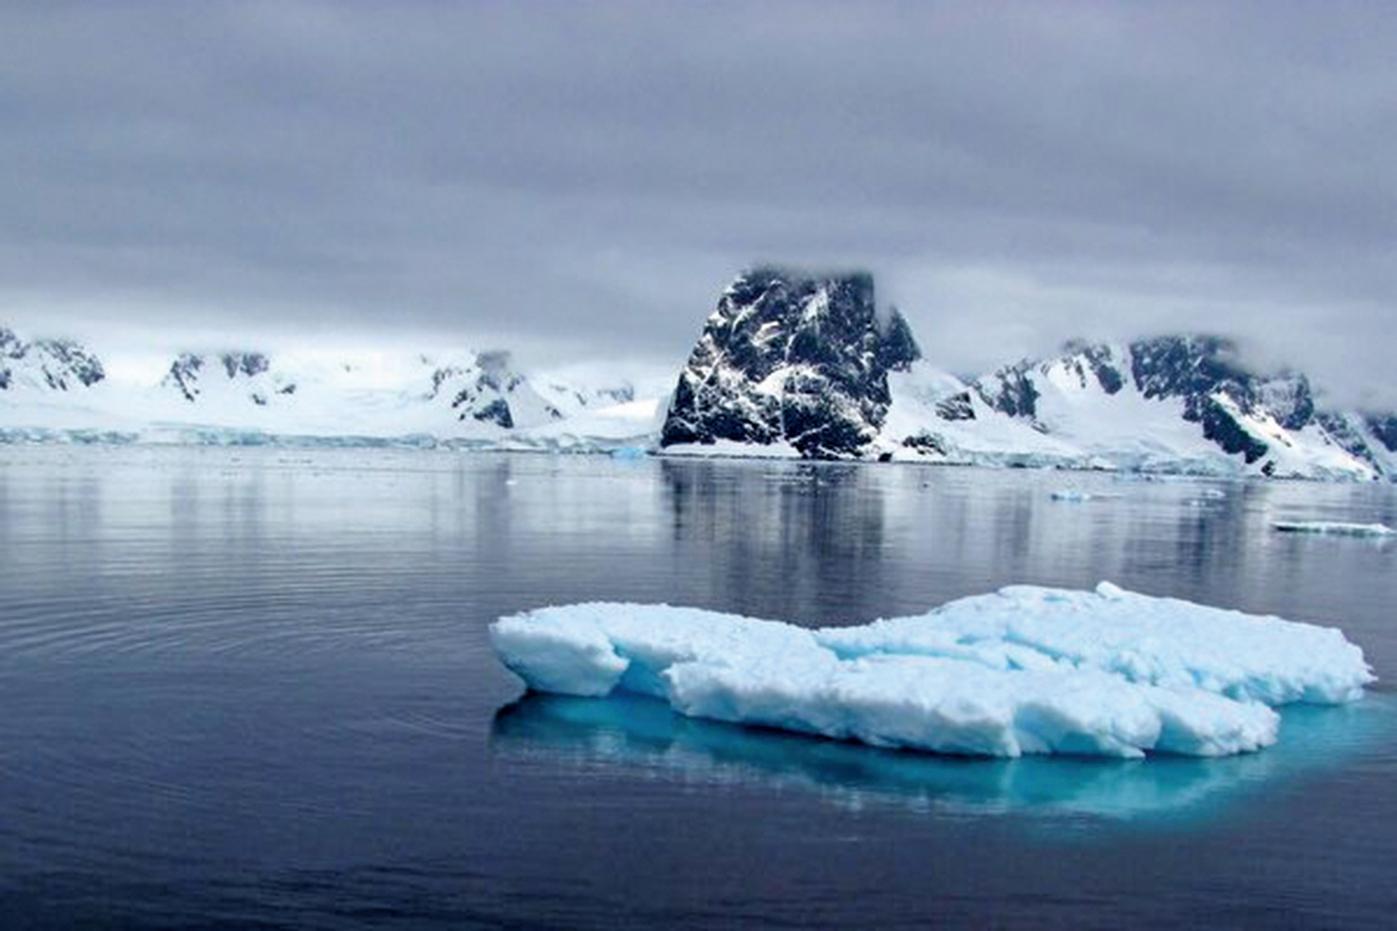 從斯瓦爾巴(Svalbard)Kongsfjorden地區提取的土壤樣本中,研究人員測到了2008年首次在印度發現的超級細菌blaNDM-1。(Creative Commons)